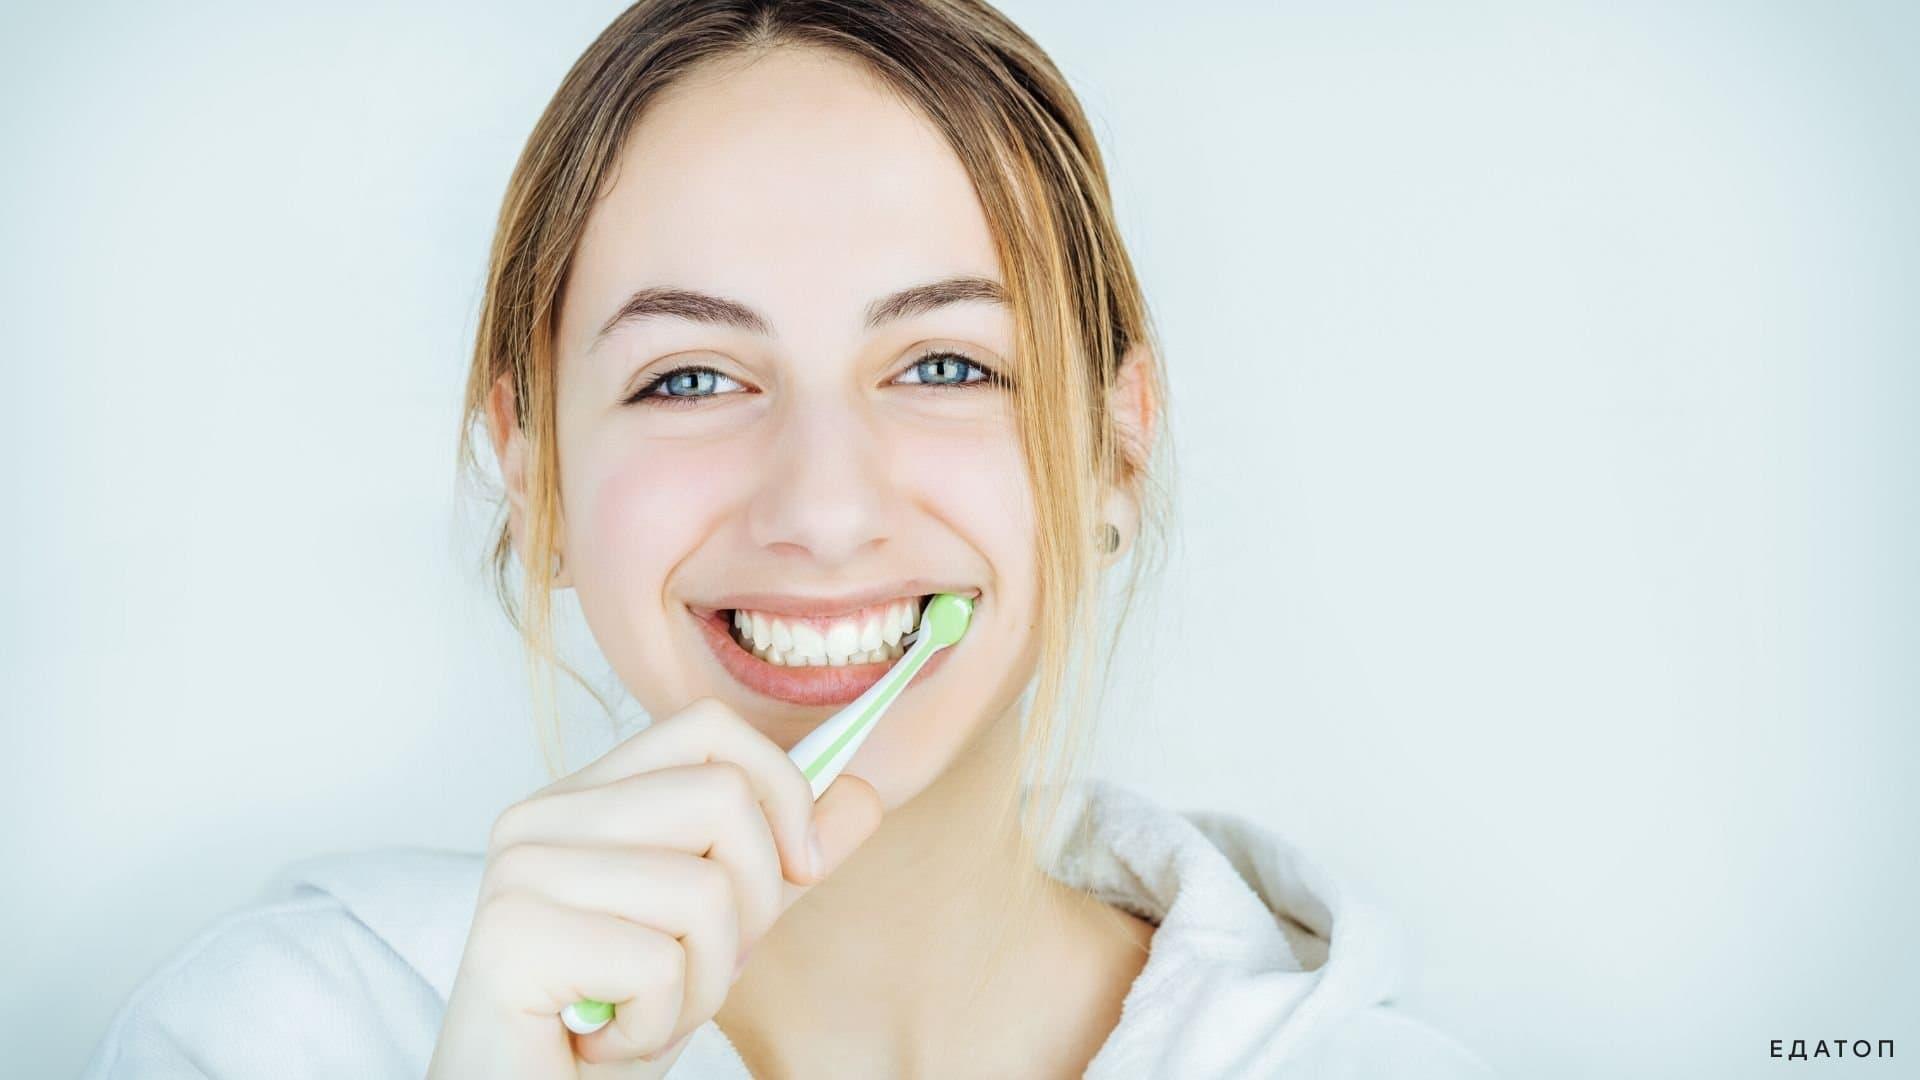 Обязательно чистите зубы после каждого приема пищи.